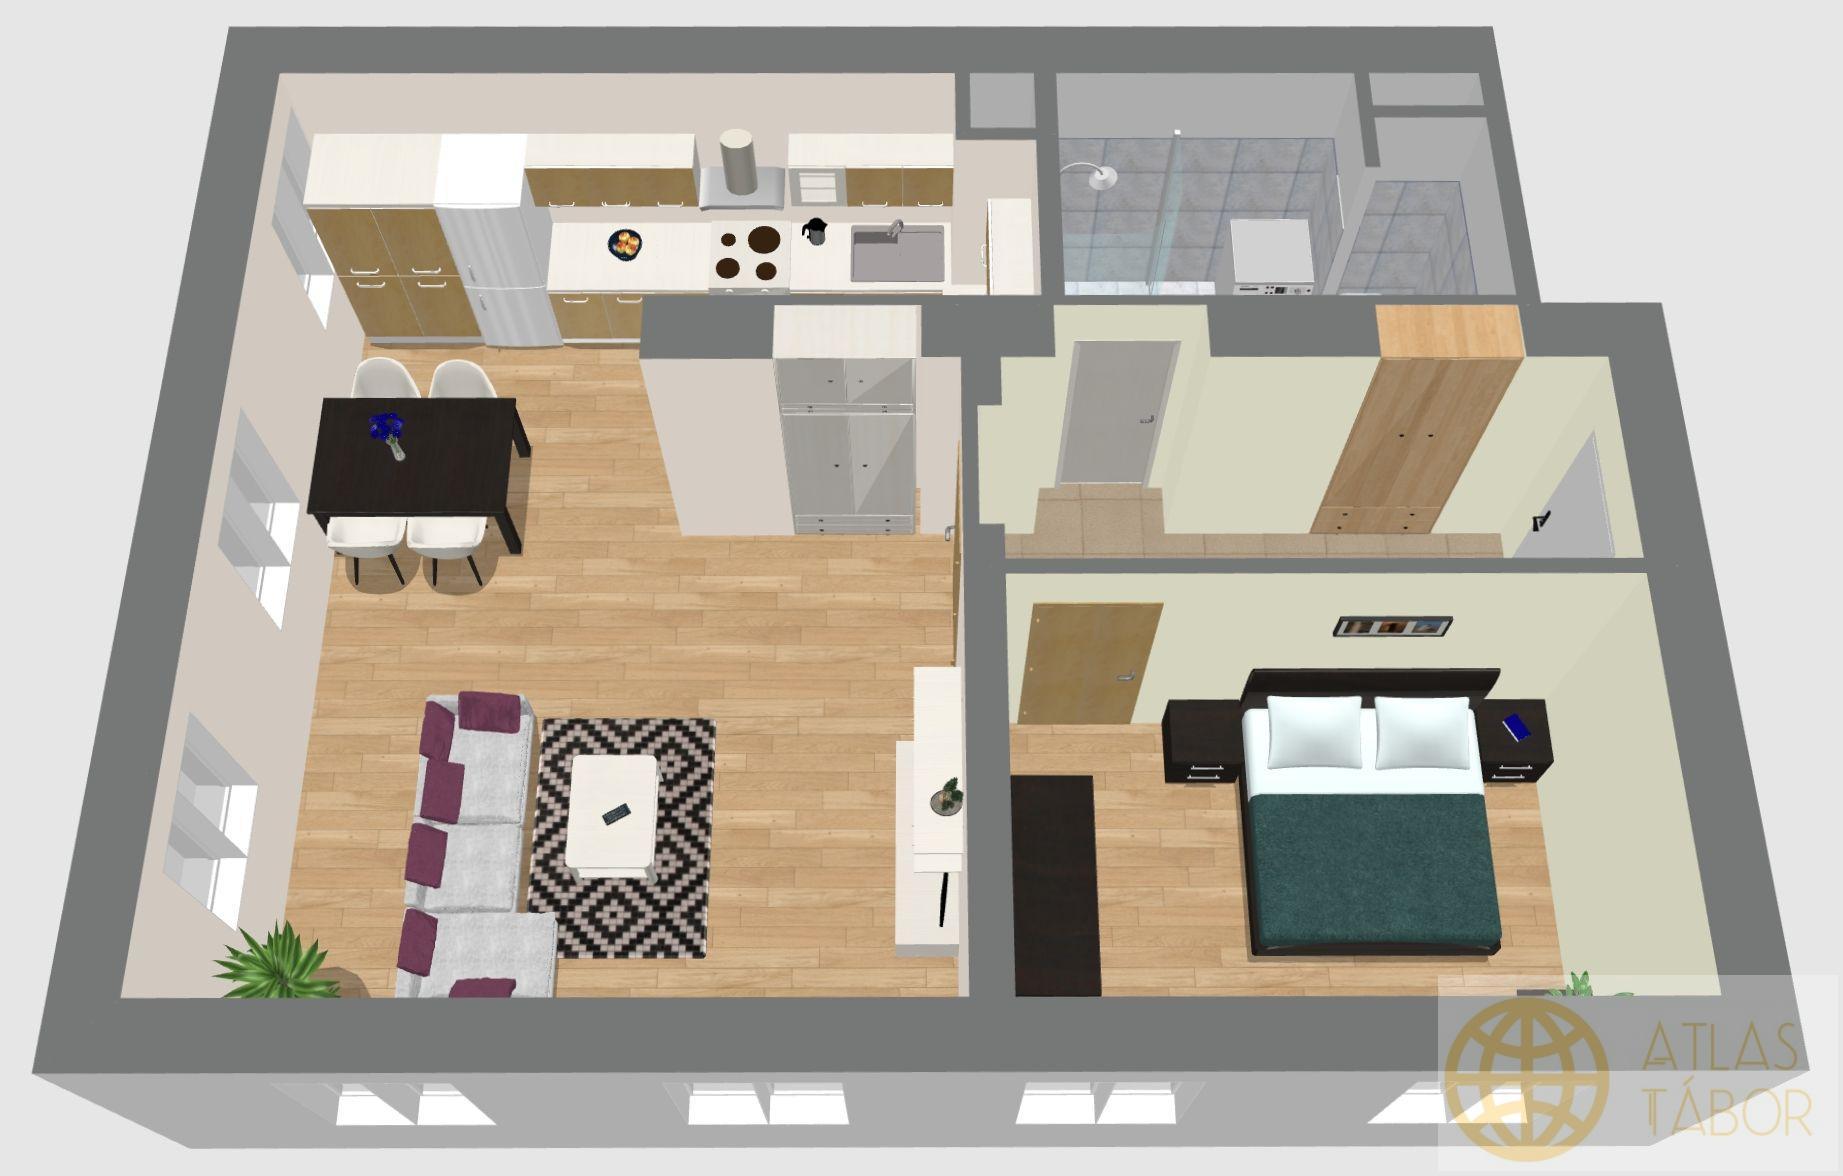 Rezervace nových bytů  v projektu Dvorce II - byt č. 1.6. - REZERVACE